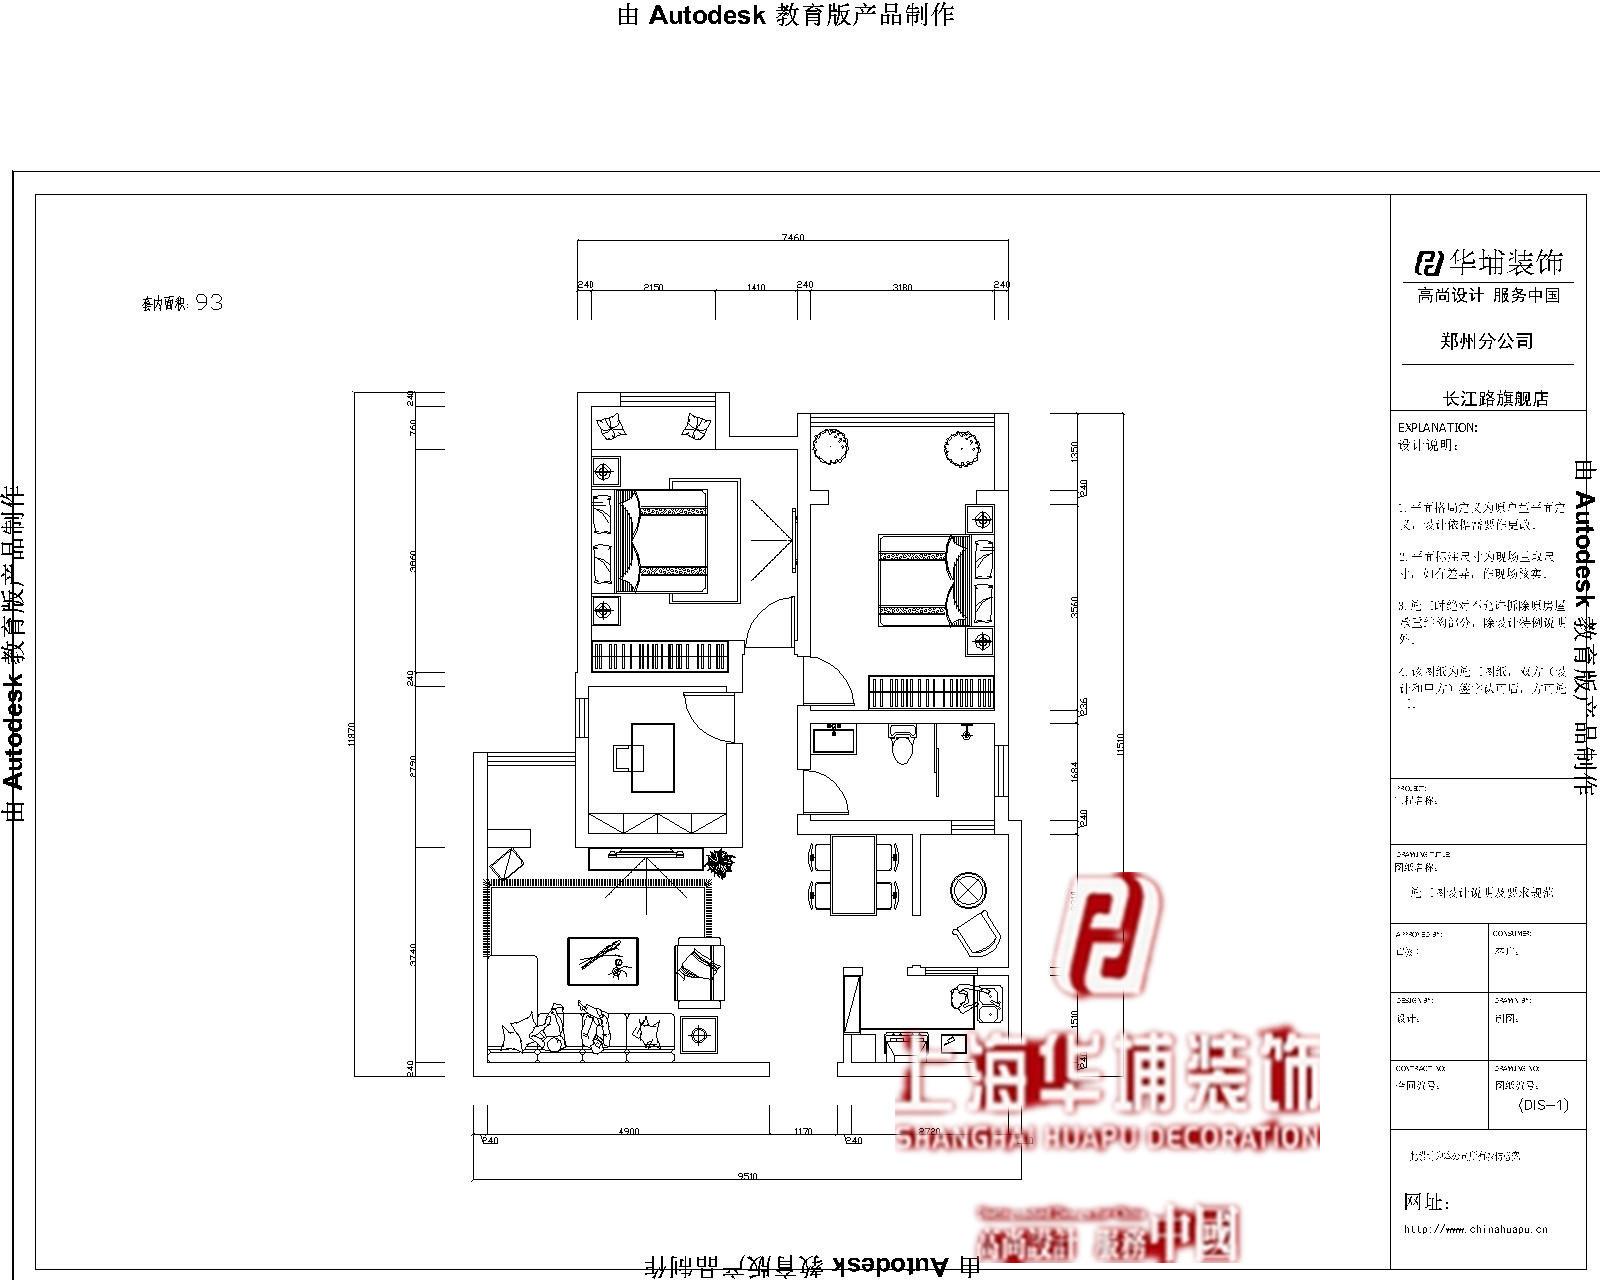 混搭 户型图图片来自上海华埔装饰郑州西区运营中心在西雅图89平装修效果图的分享